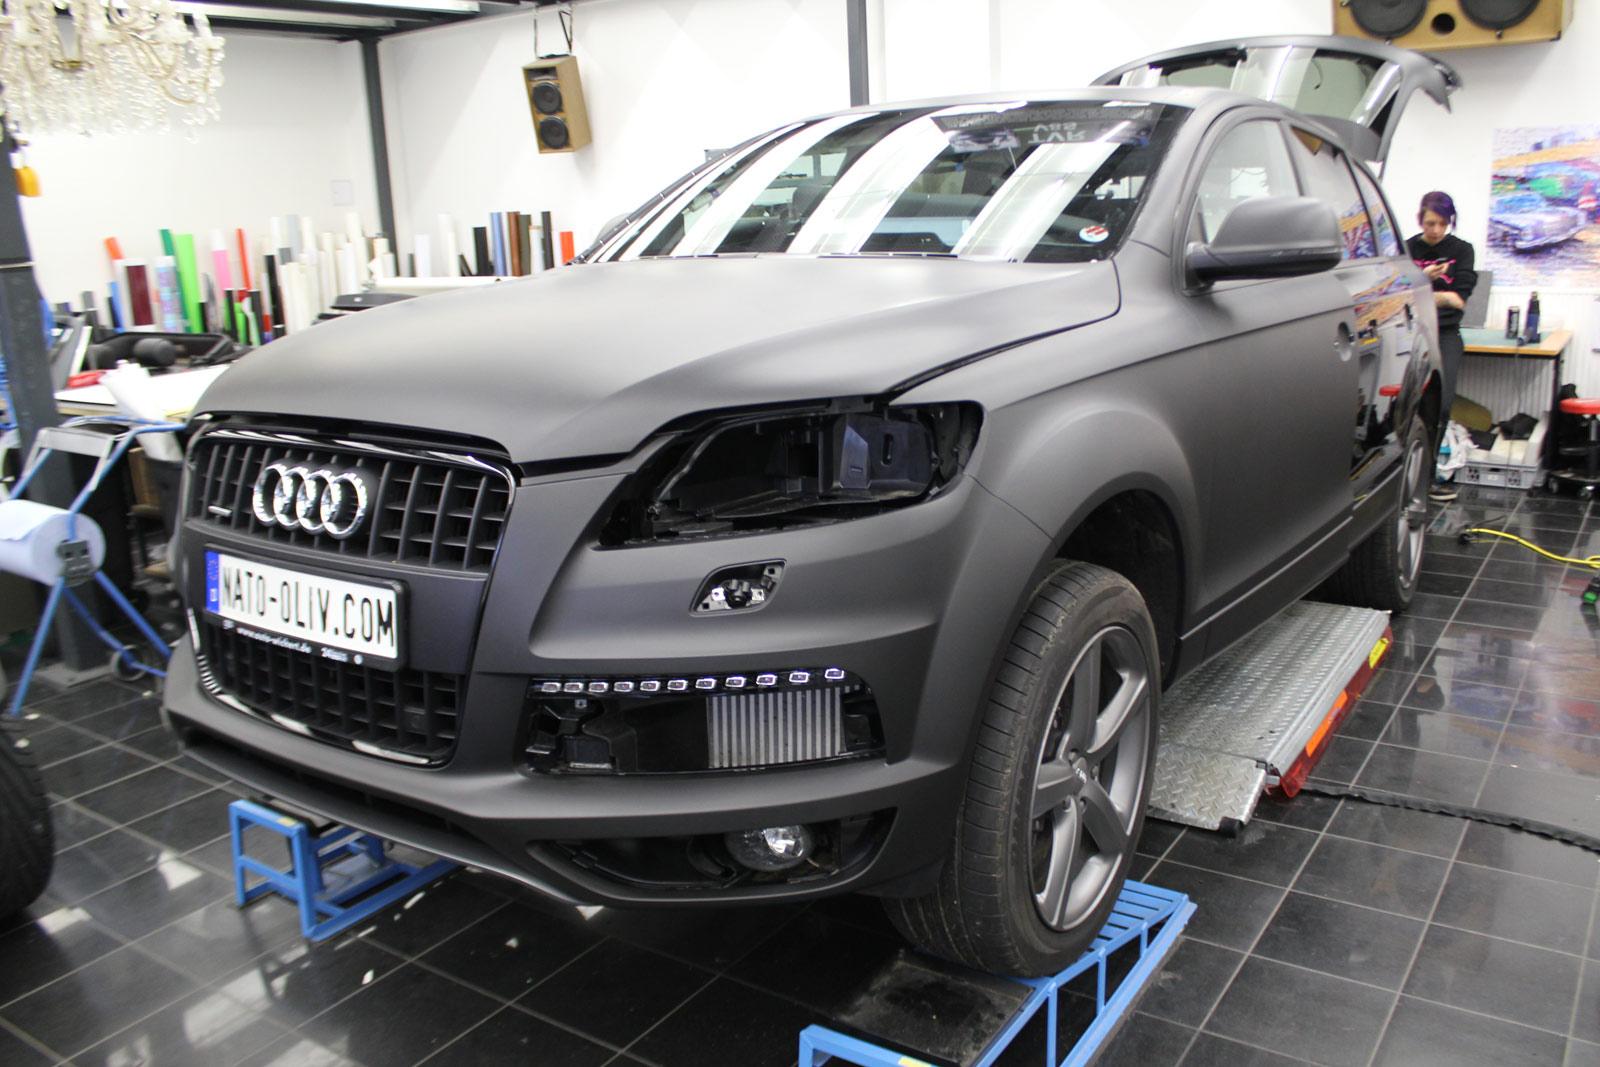 Audi_Q7_Folienbeklebung_Schwarz_Ultramatt_02